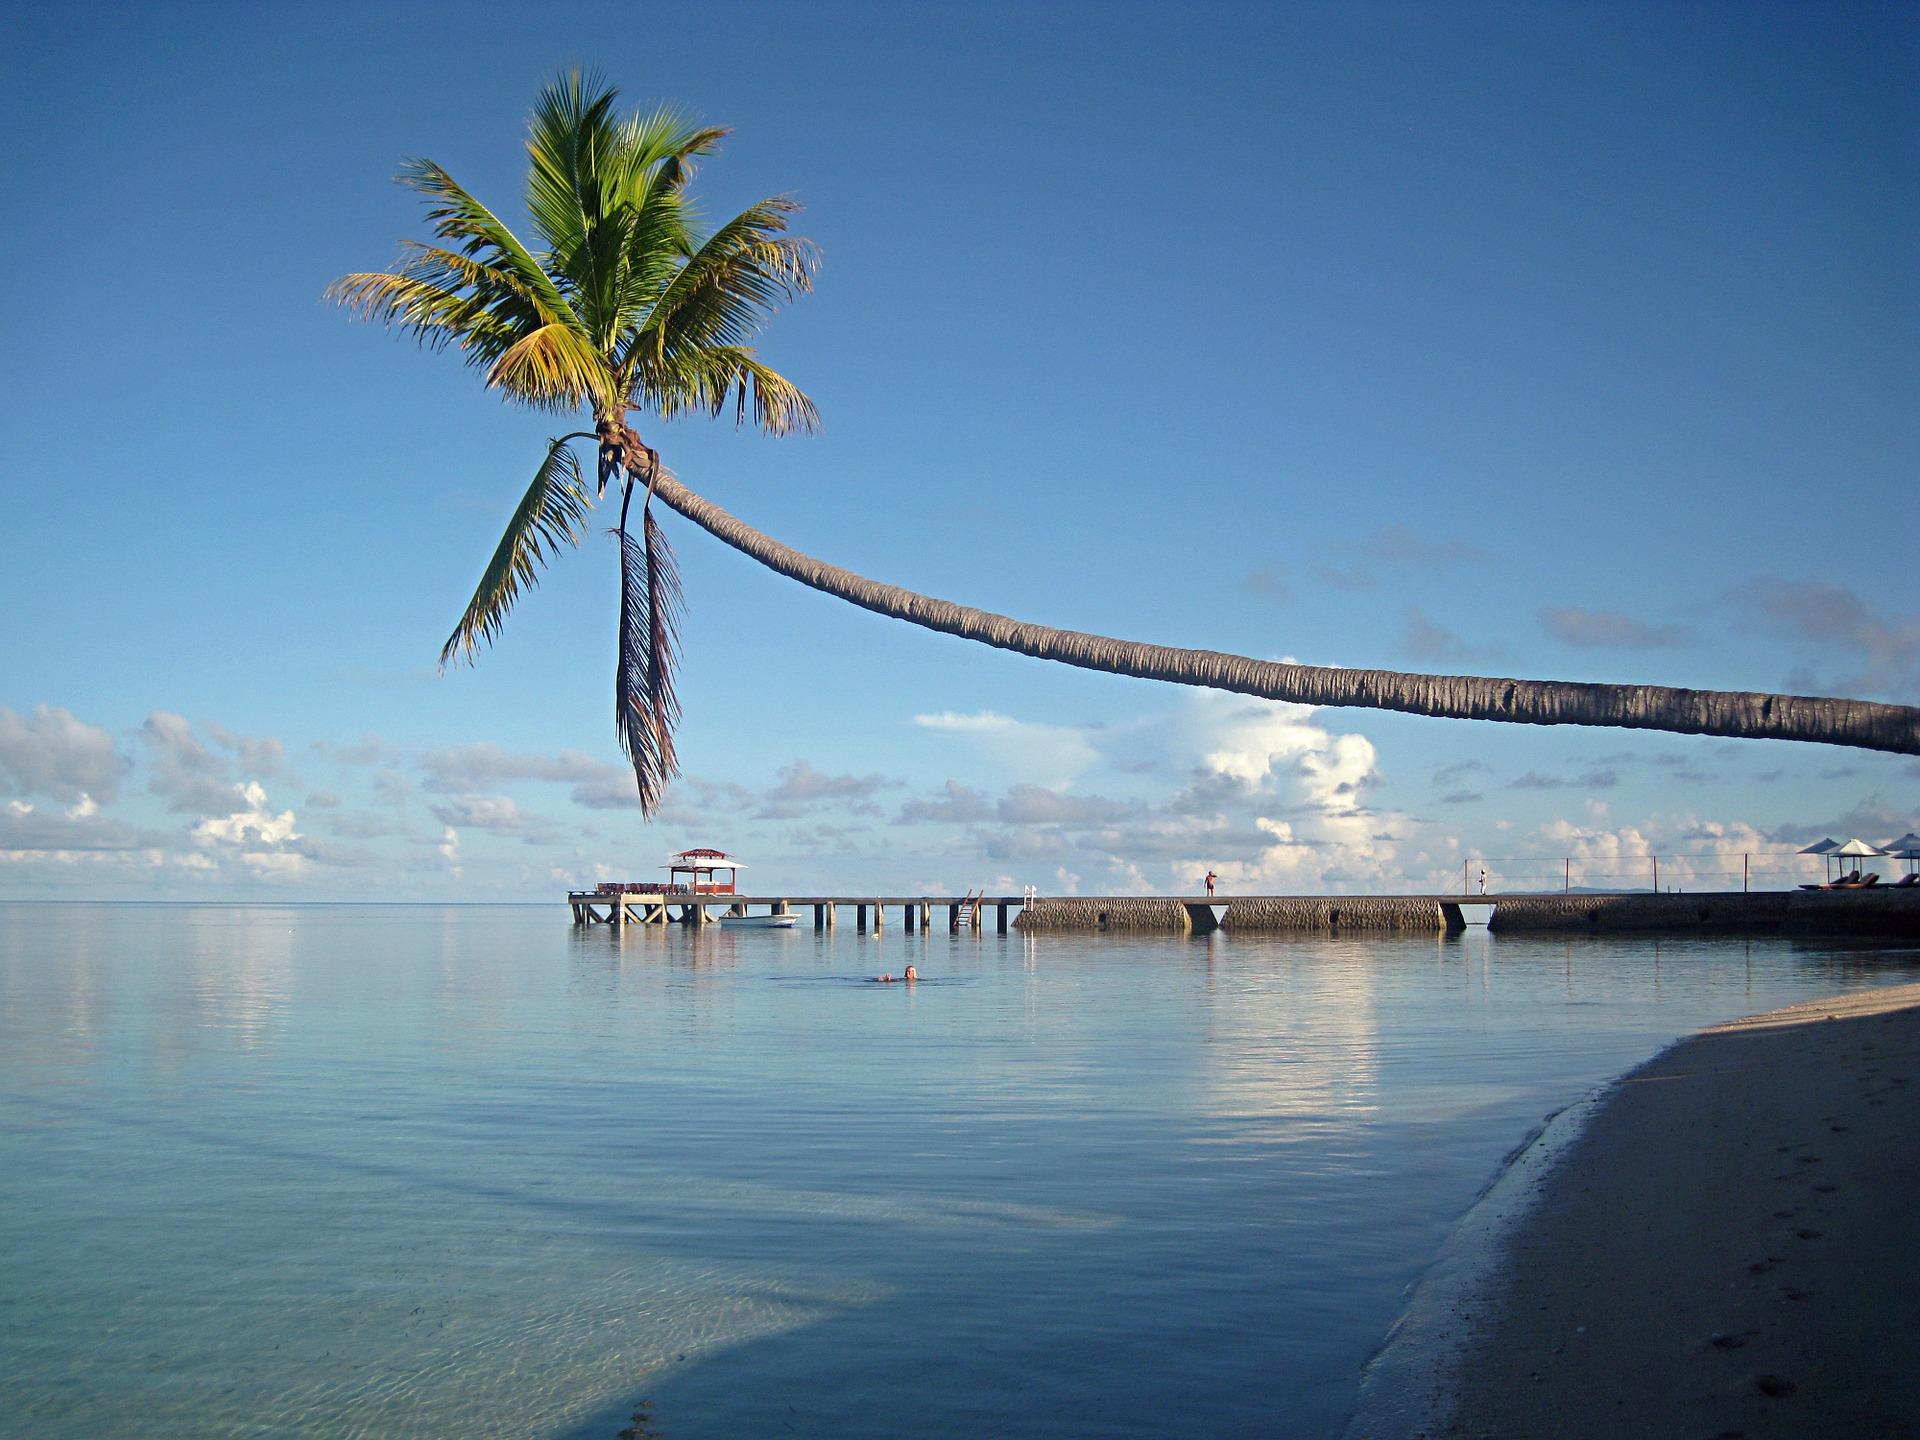 isole wakatobi indonesia: